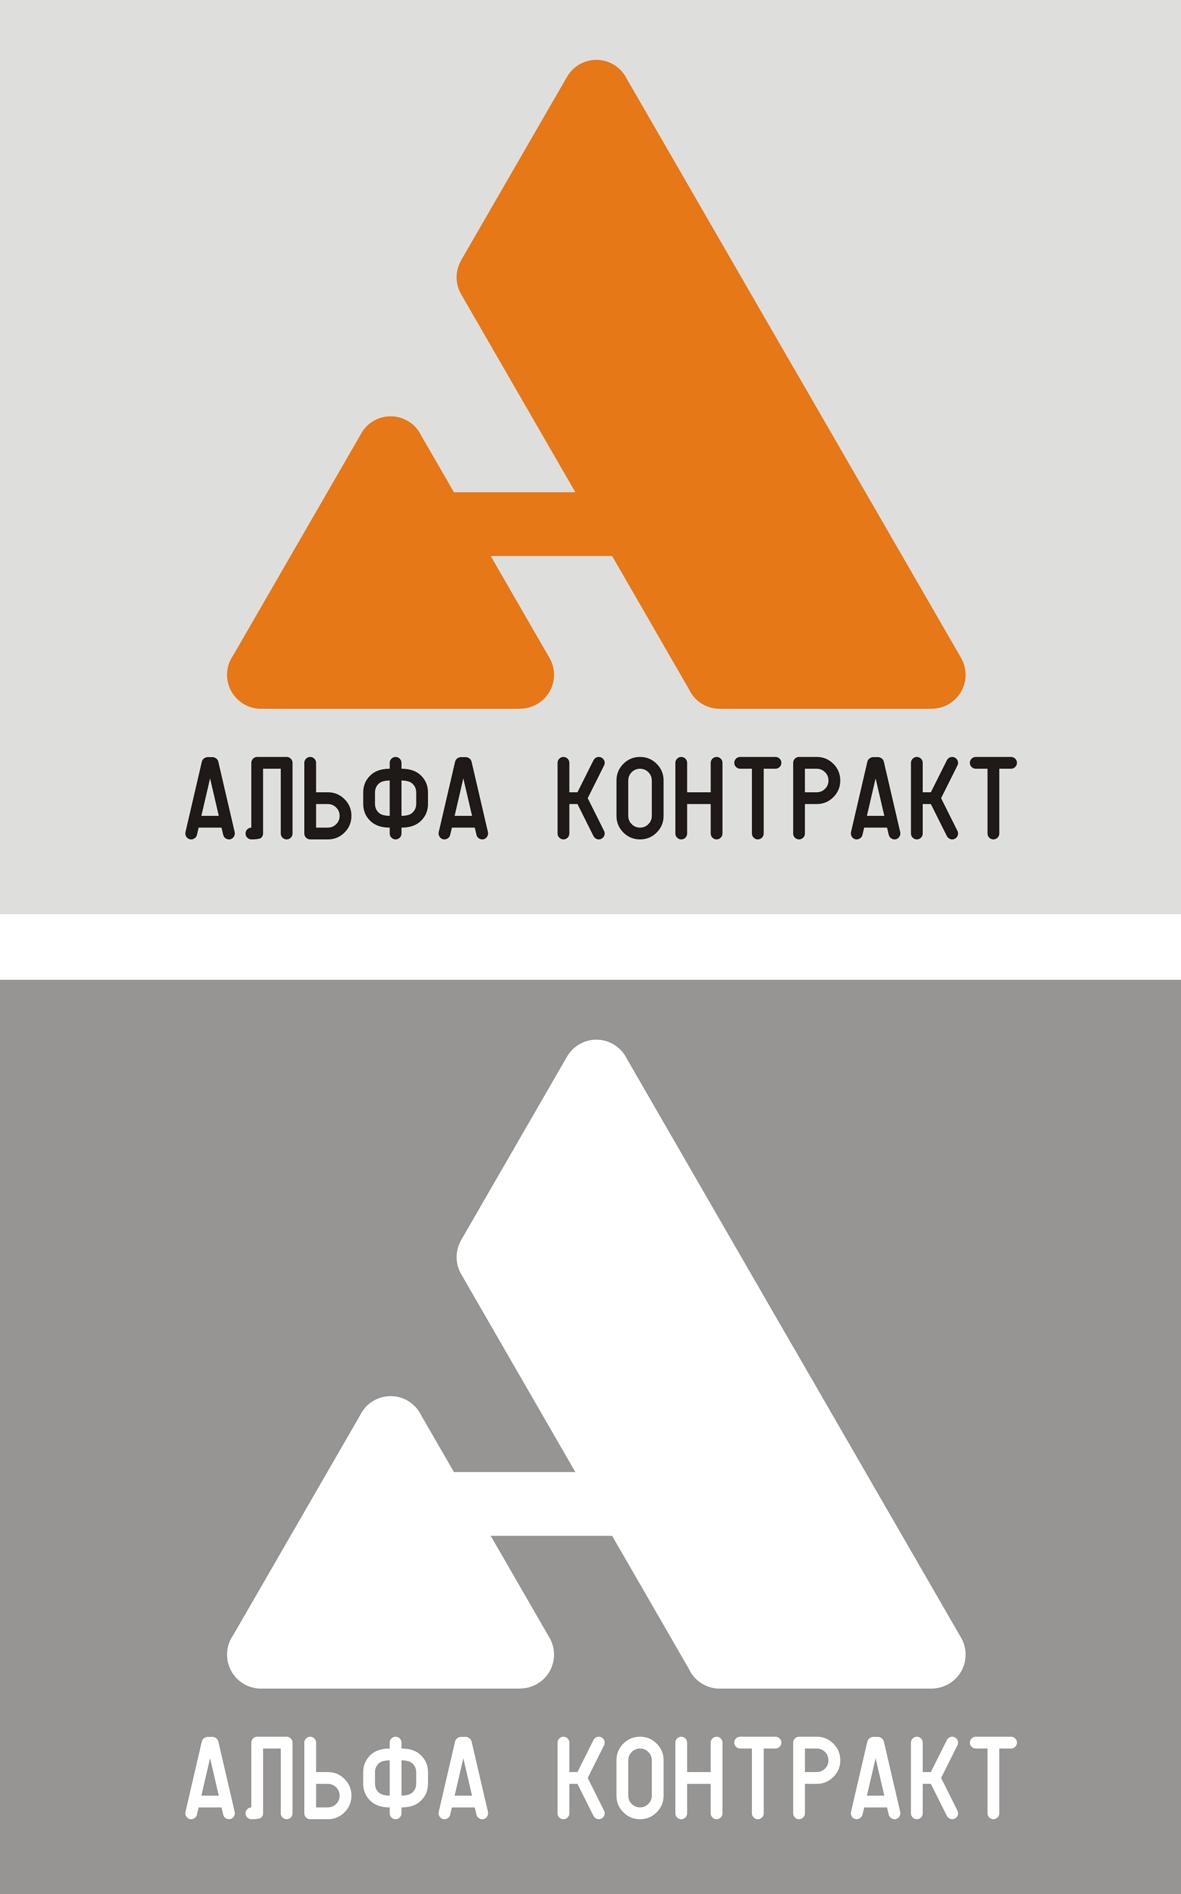 Дизайнер для разработки логотипа компании фото f_1765bfa0c11de6de.png